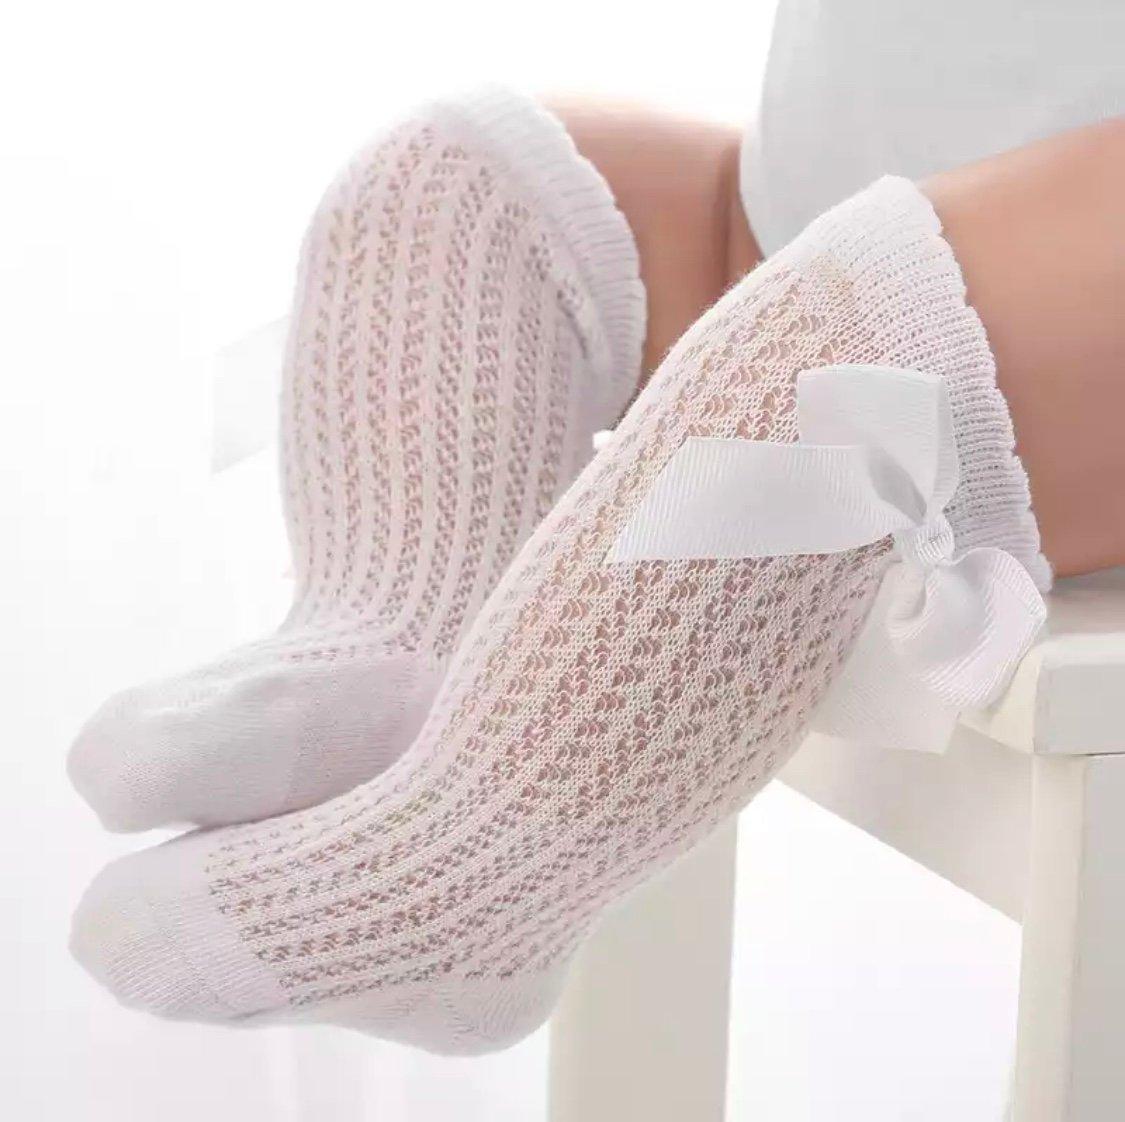 Image of White knee socks